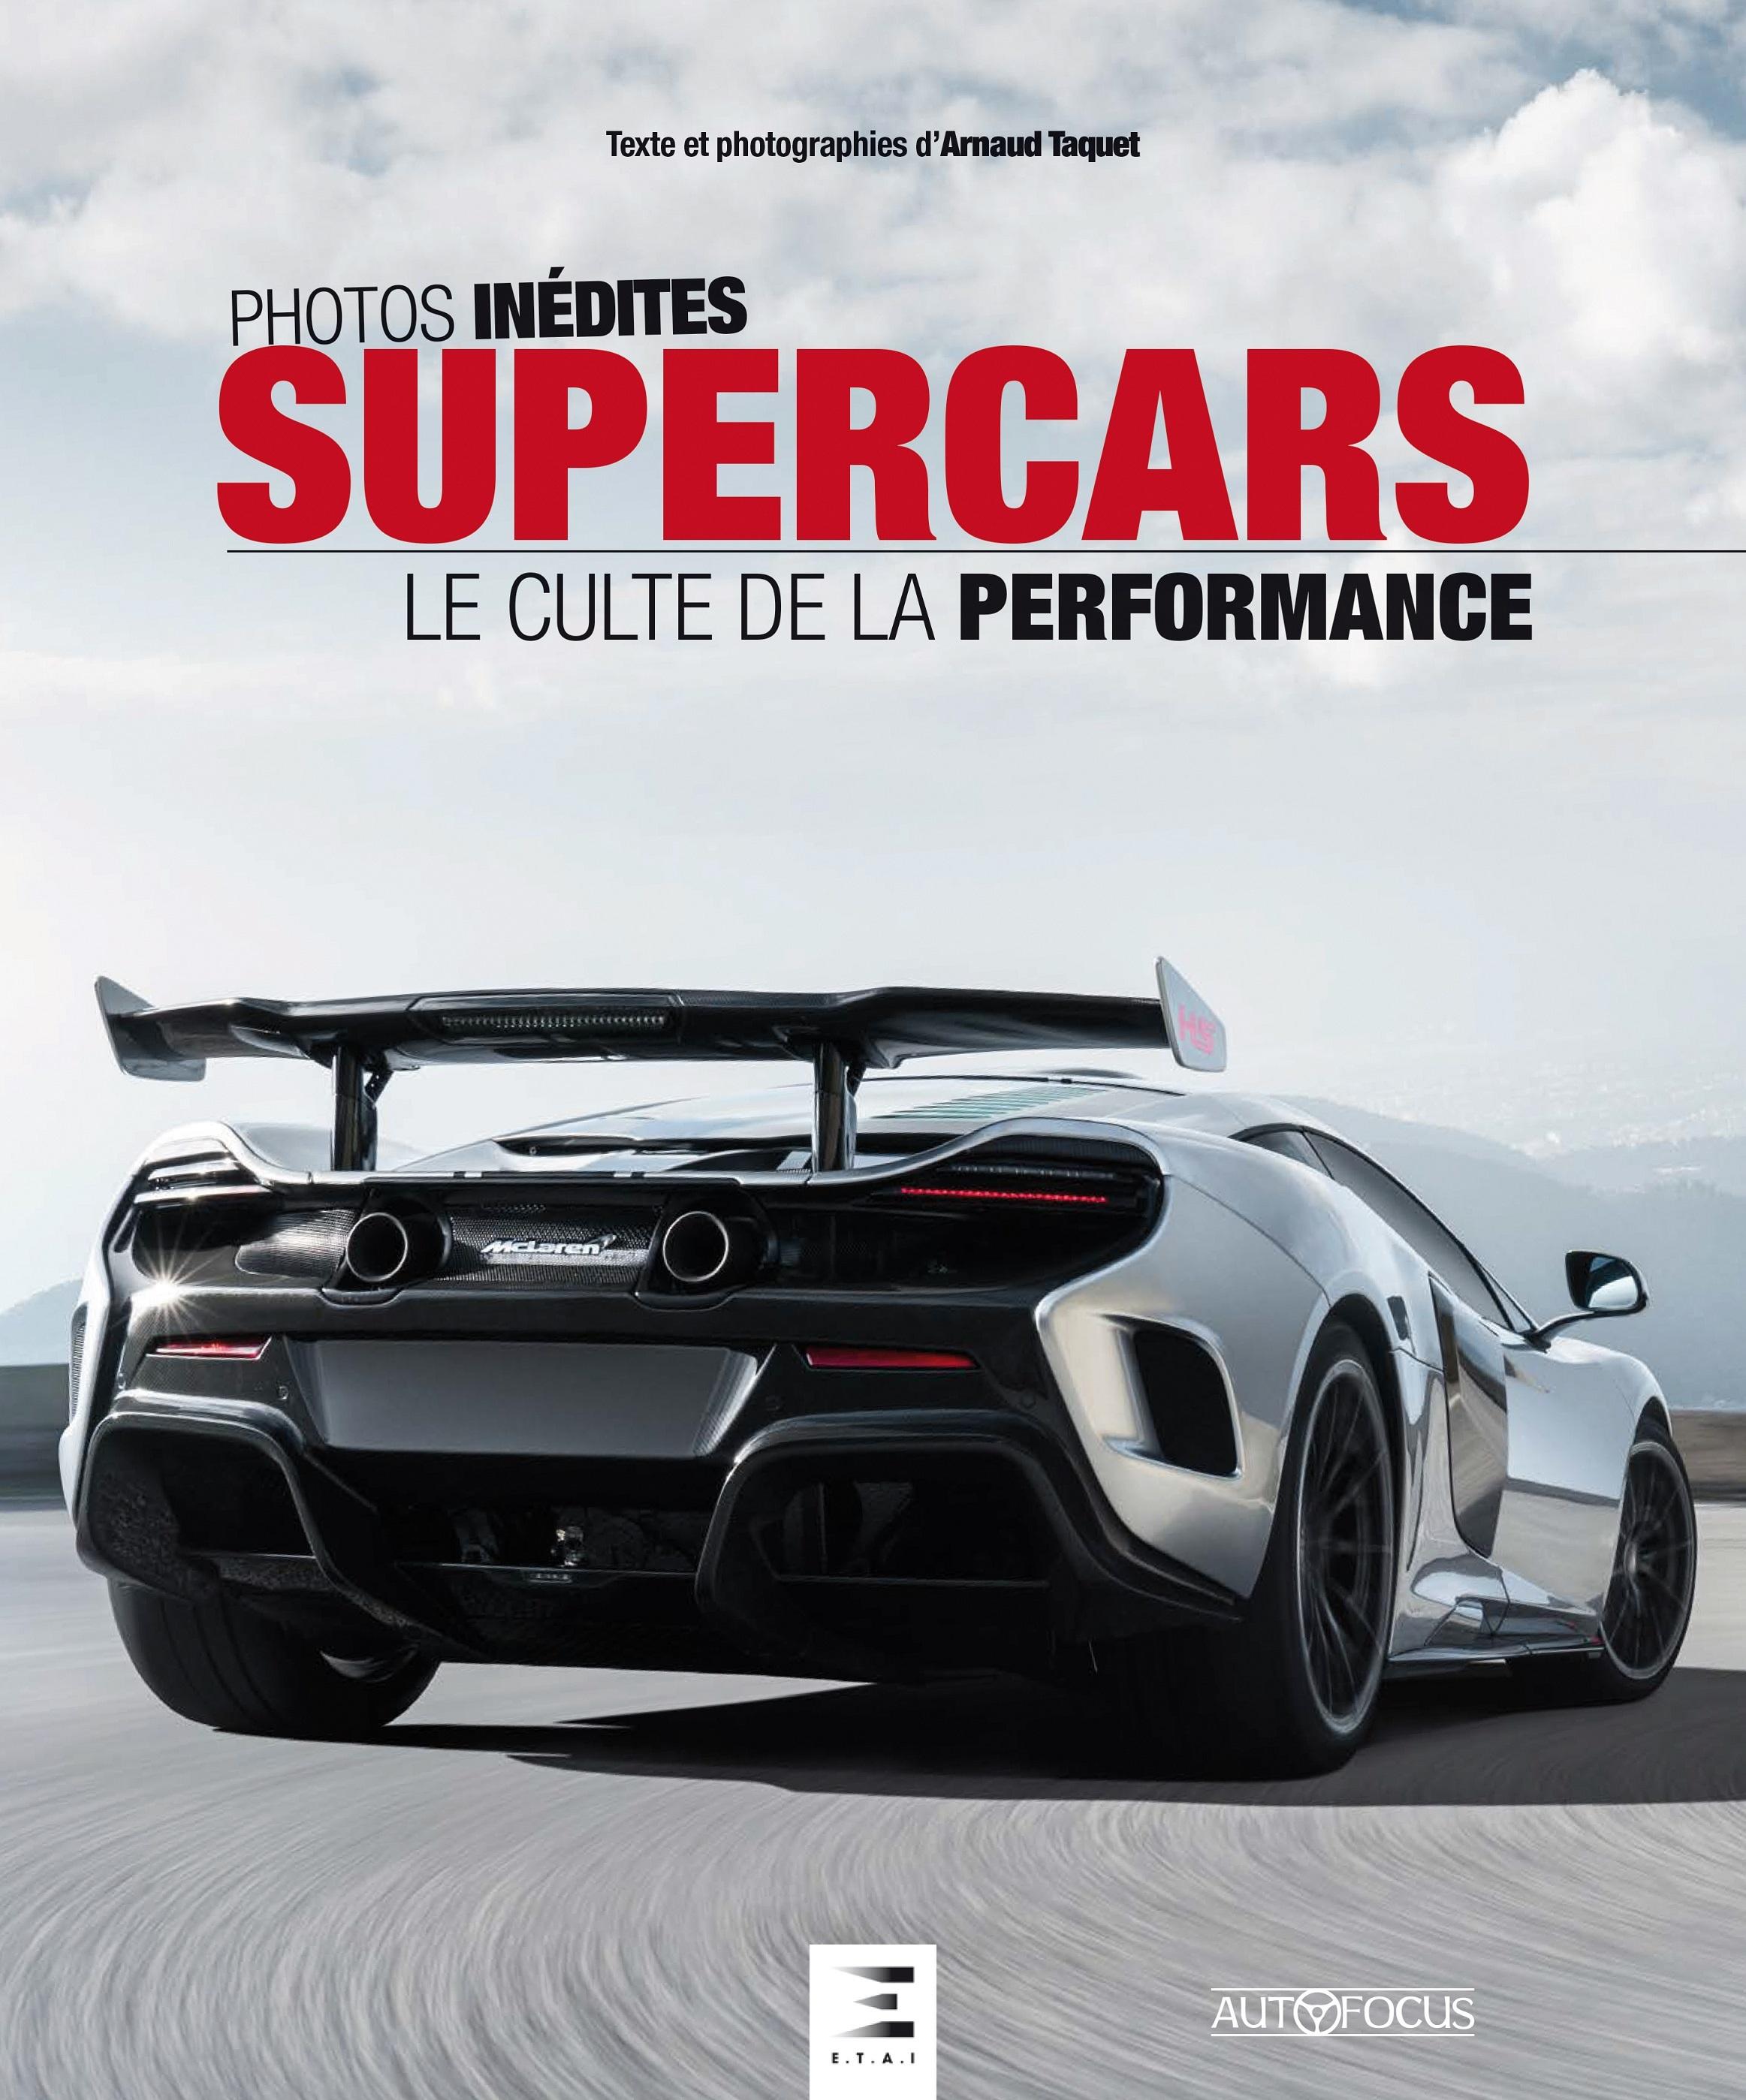 SUPERCARS, LE CULTE DE LA PERFORMANCE